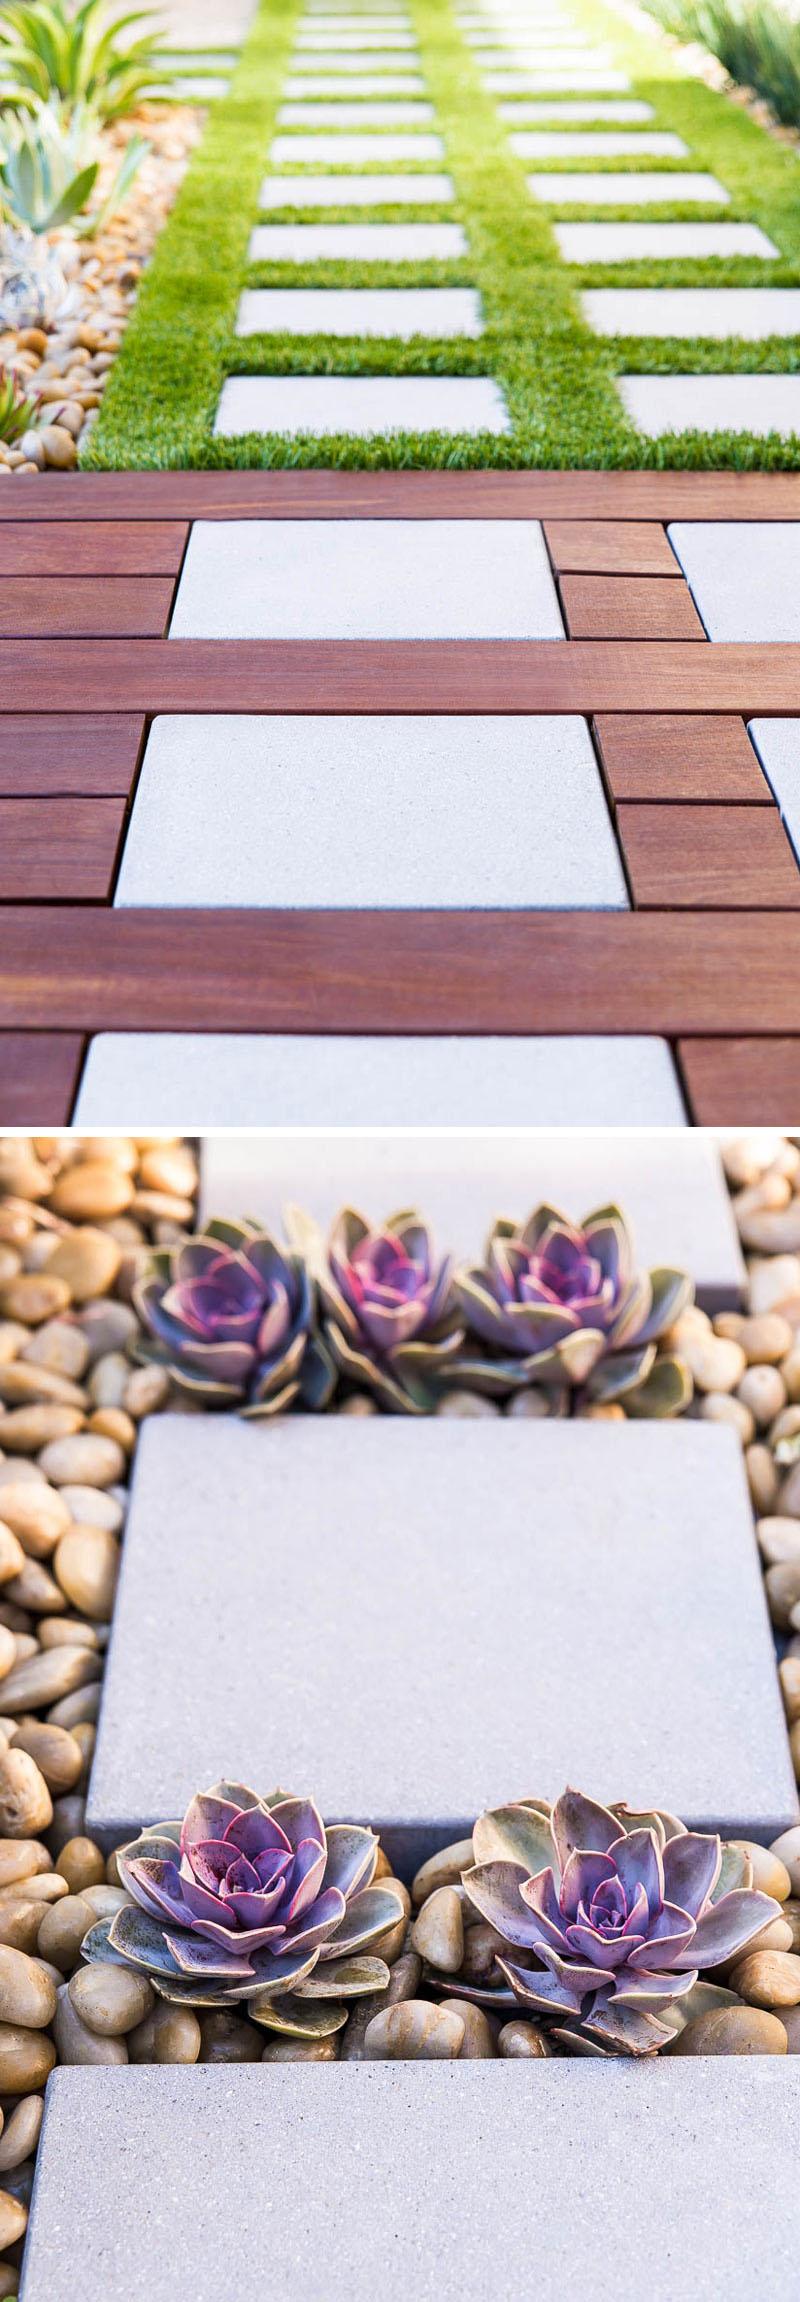 7-8-elementos-para-adicionar-ao-ser-jardim